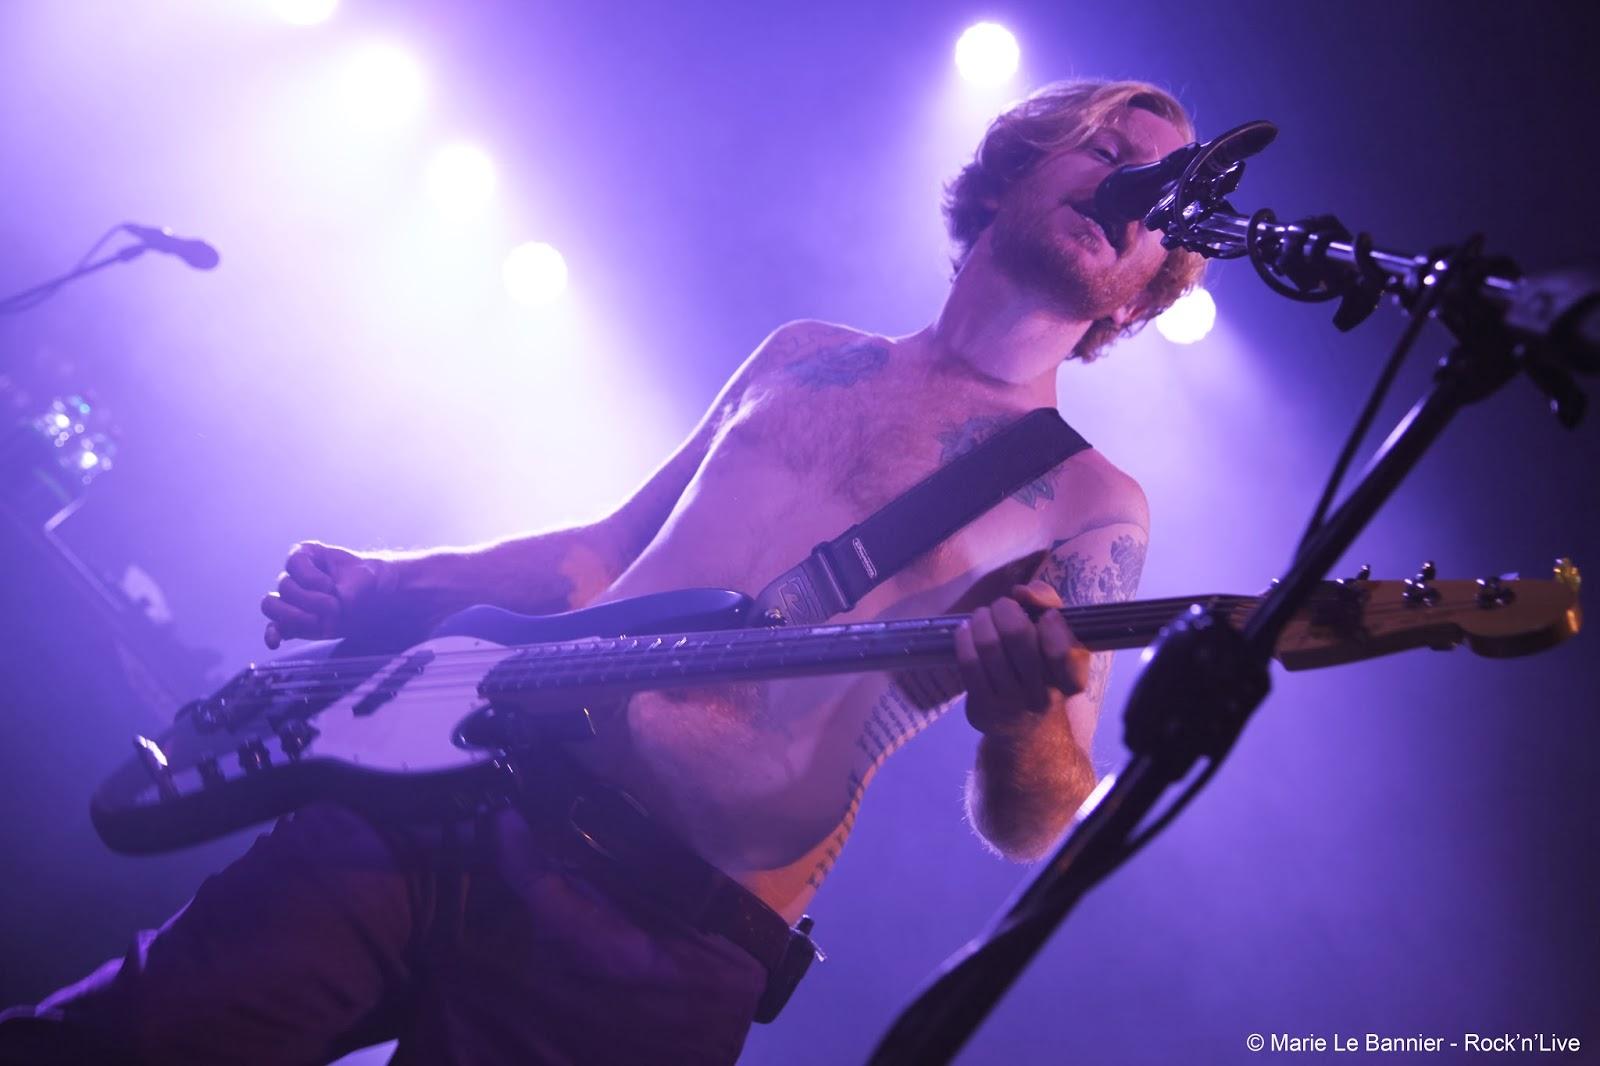 Rock'n'Live Concert Live Report 2013 Paris Trianon Biffy Clyro Opposite Biblical Simon Neil Ben Johnston James Marie Le Bannier